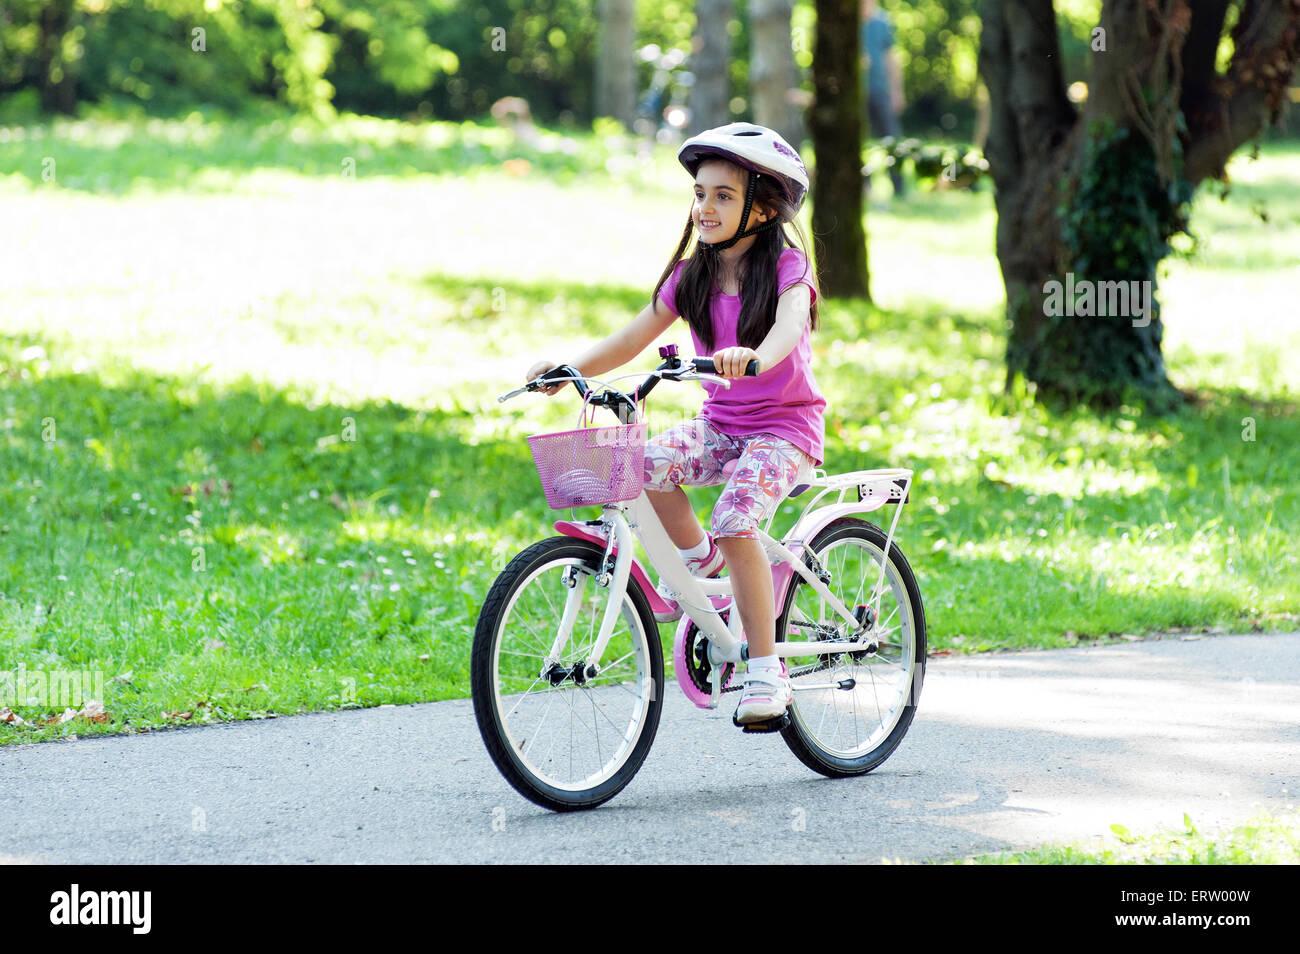 Niña en un moderno traje rosa rosa coincidente con bicicleta y casco montando su bicicleta Imagen De Stock